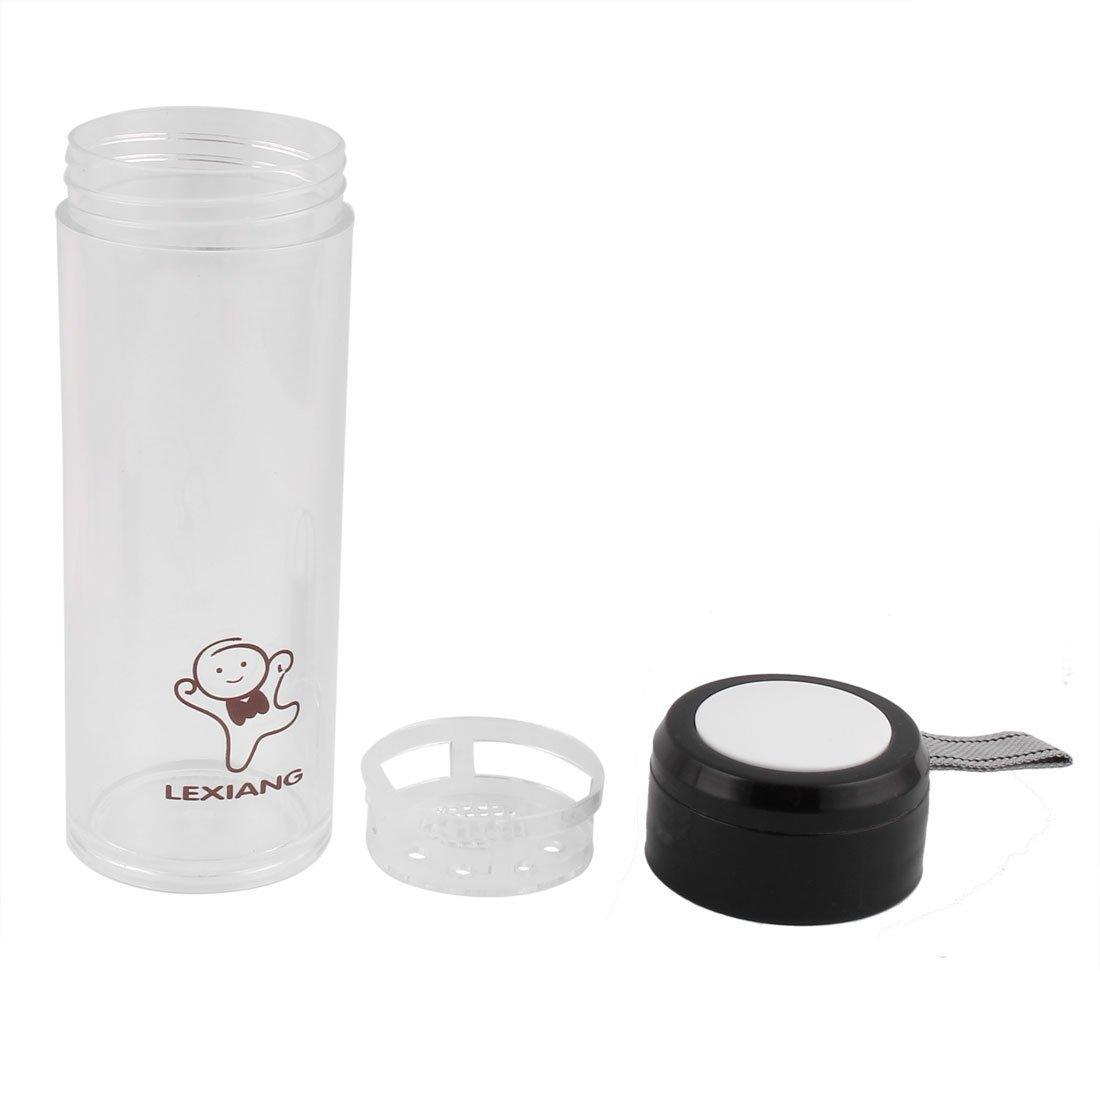 Amazon.com : eDealMax Jugo plástico Inicio colador de té que Bebe la Botella de agua del Deporte Taza de la Taza de 500 ml Negro : Sports & Outdoors